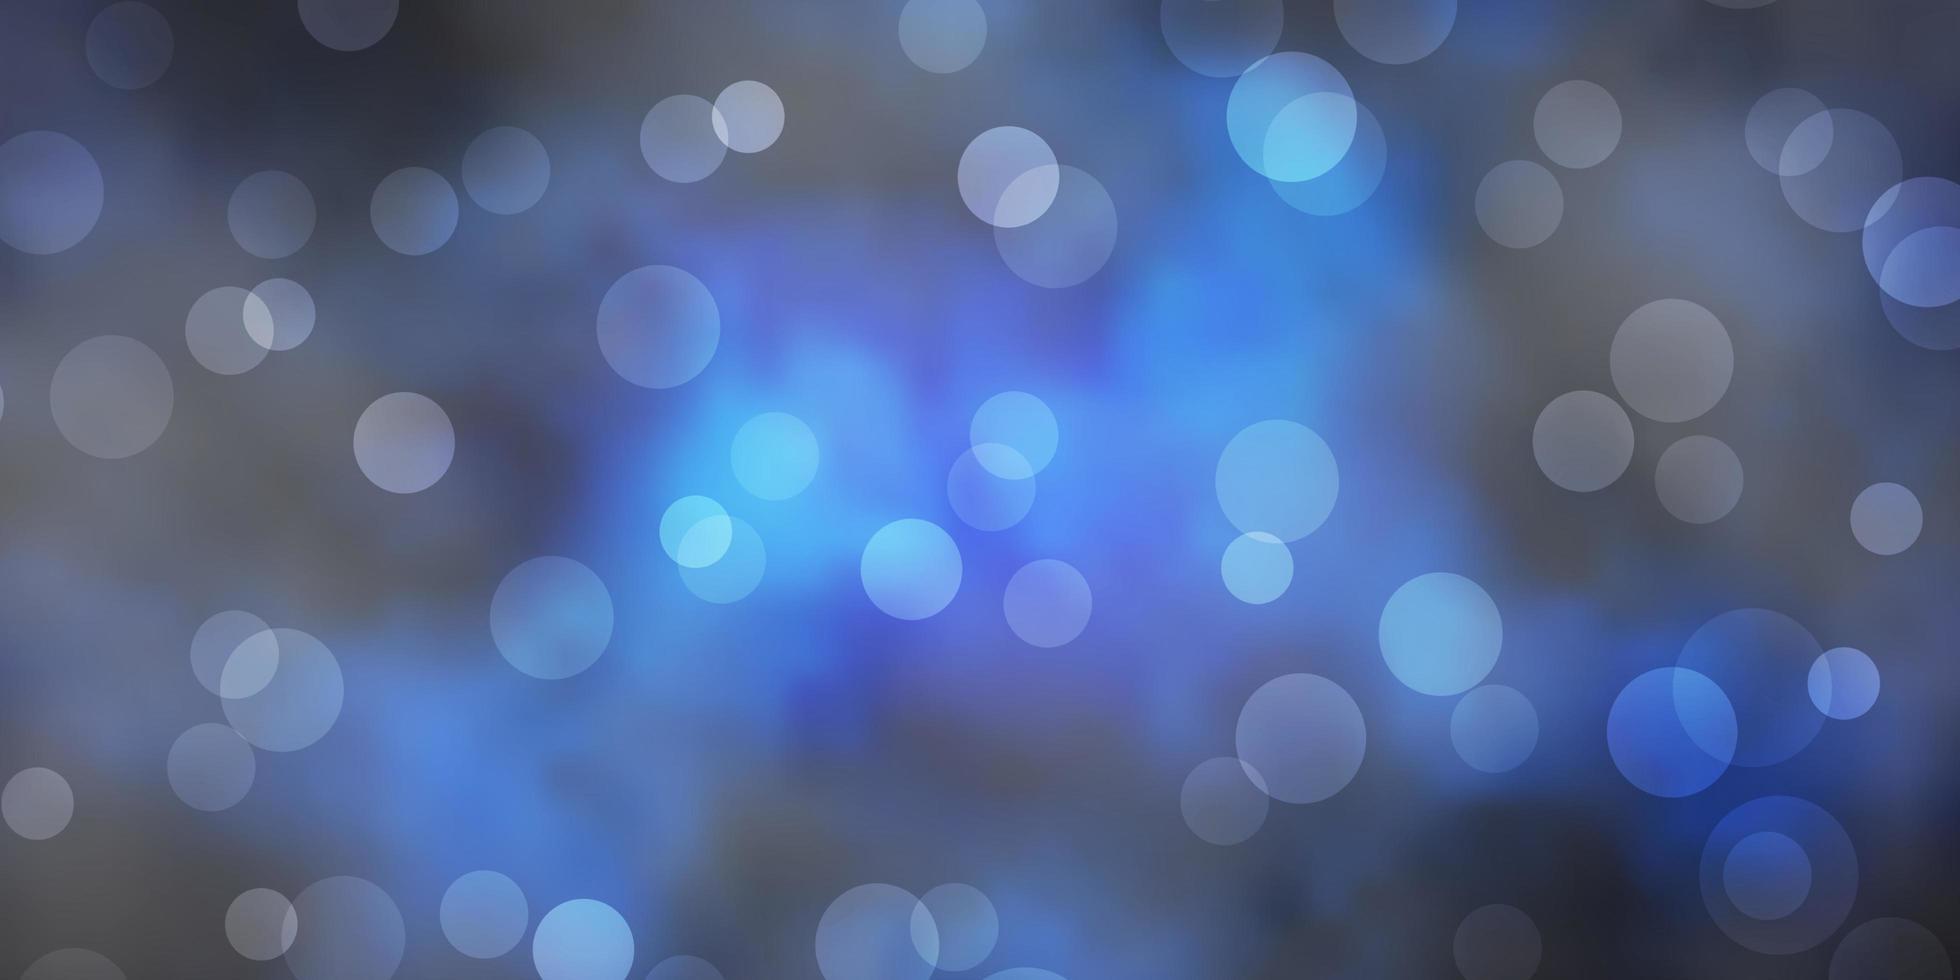 donkerblauwe vectorachtergrond met vlekken. vector